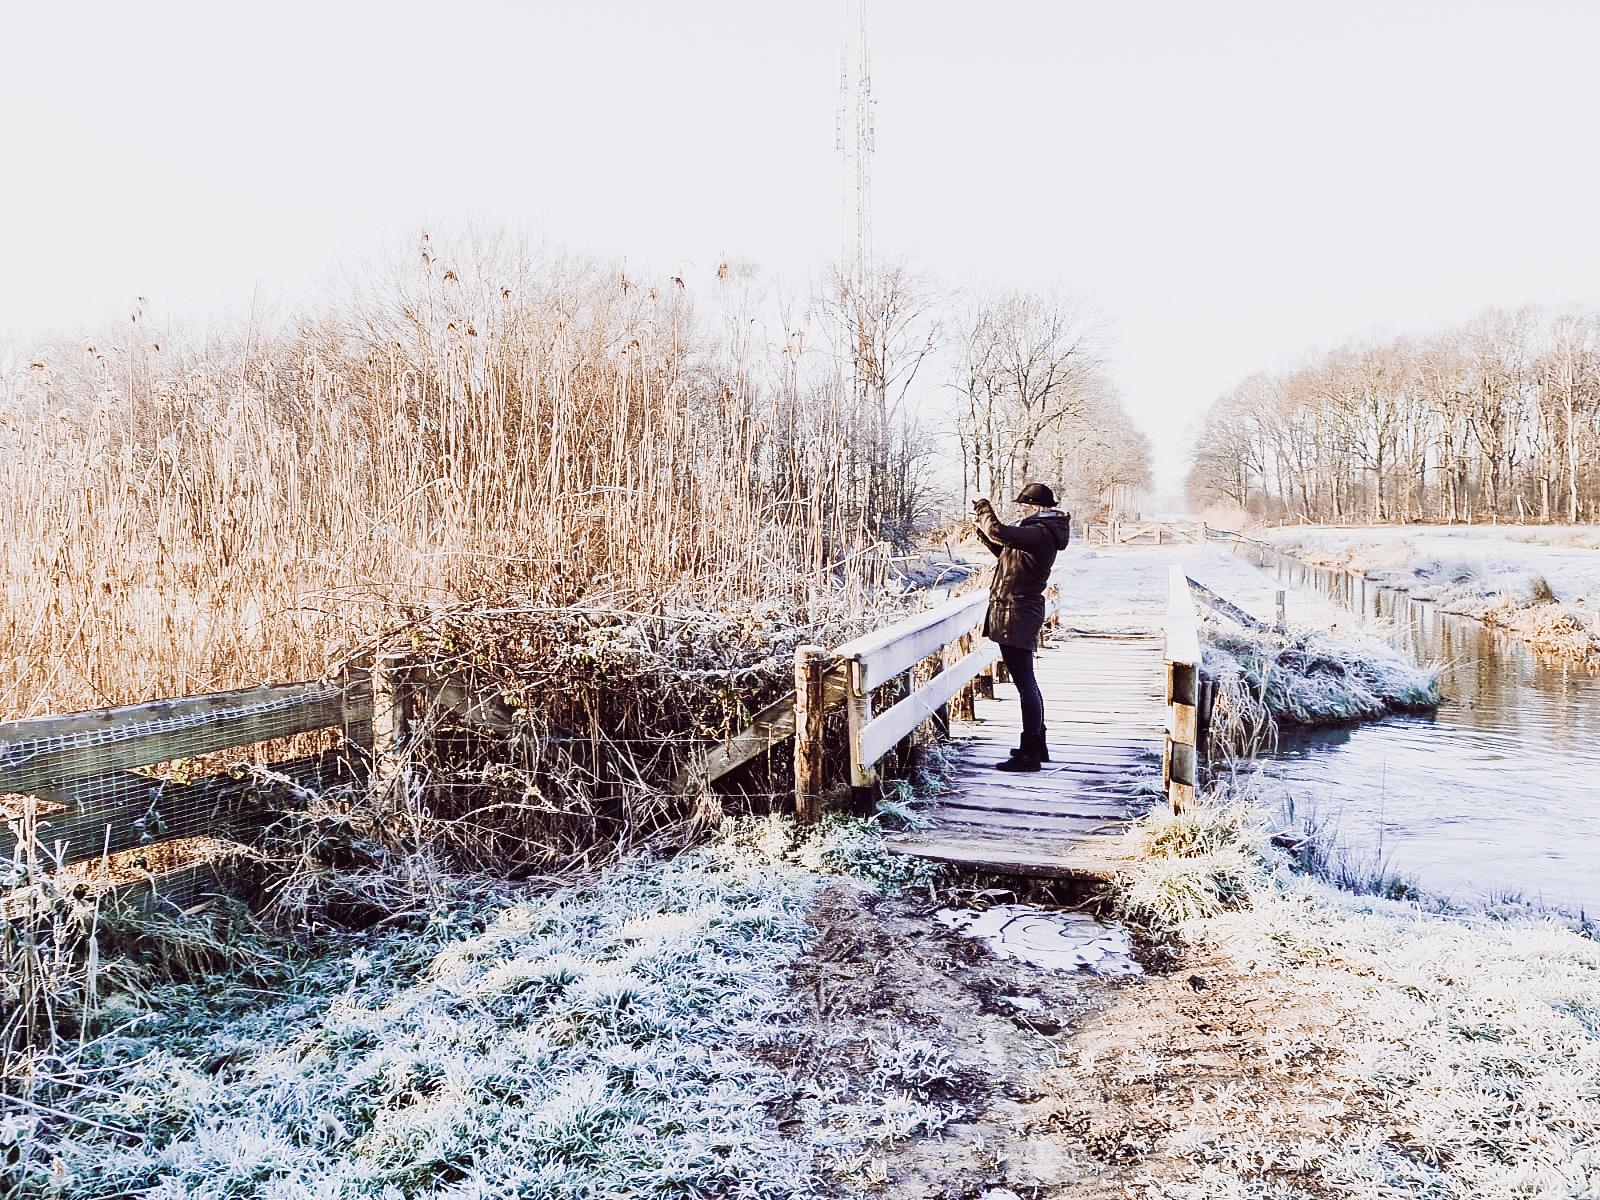 Een prachtige ochtendwandeling met de honden door winter wonderland